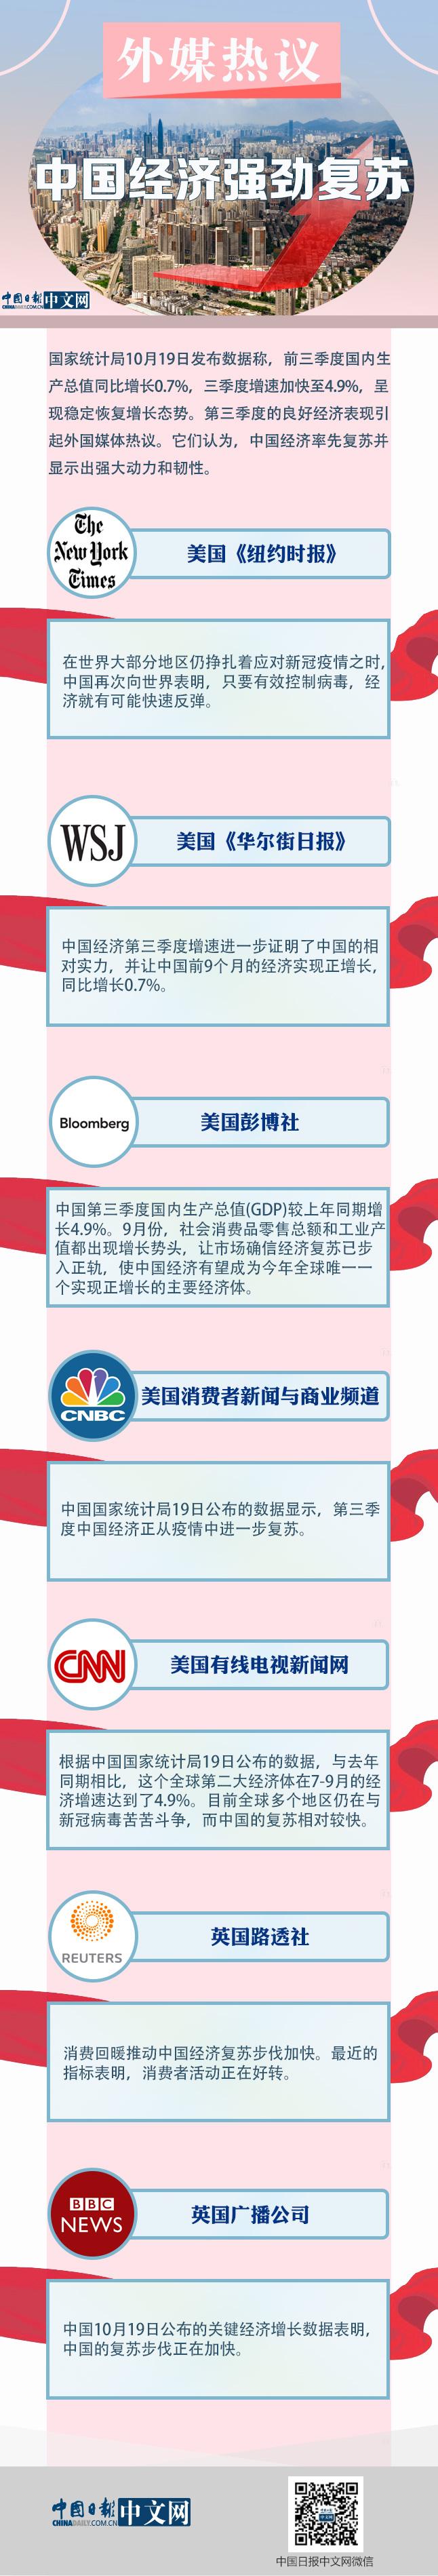 赢咖3注册地址图解 | 外媒热议中国经济强劲复苏